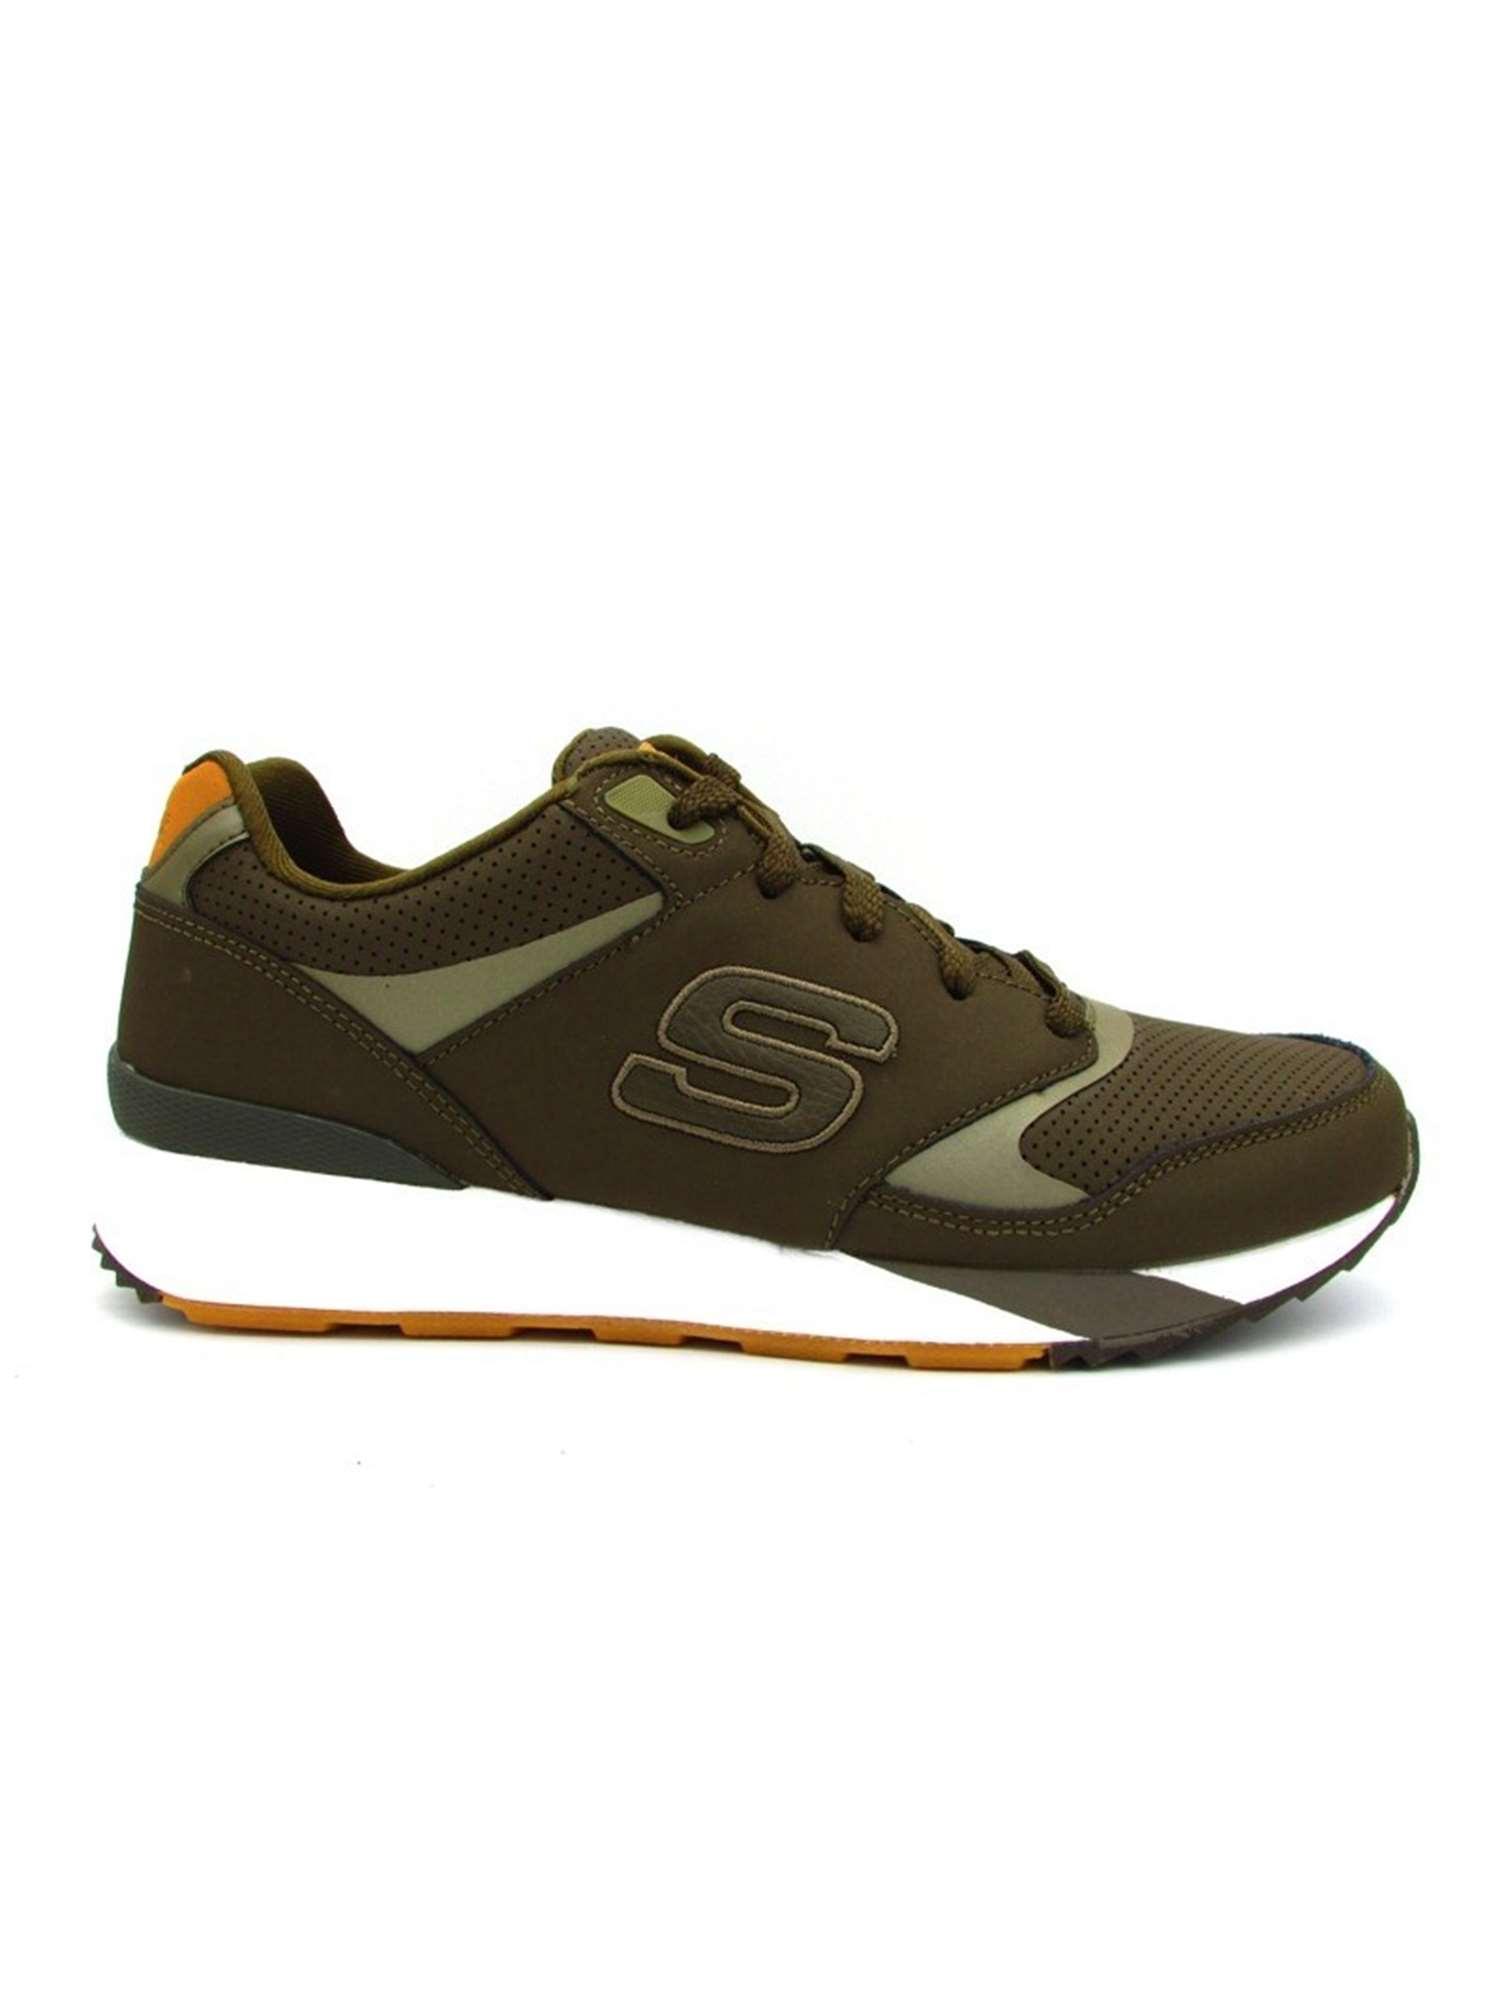 Skechers Sneakers Verde | Sneakers Uomo Ecopelle | Tania ...